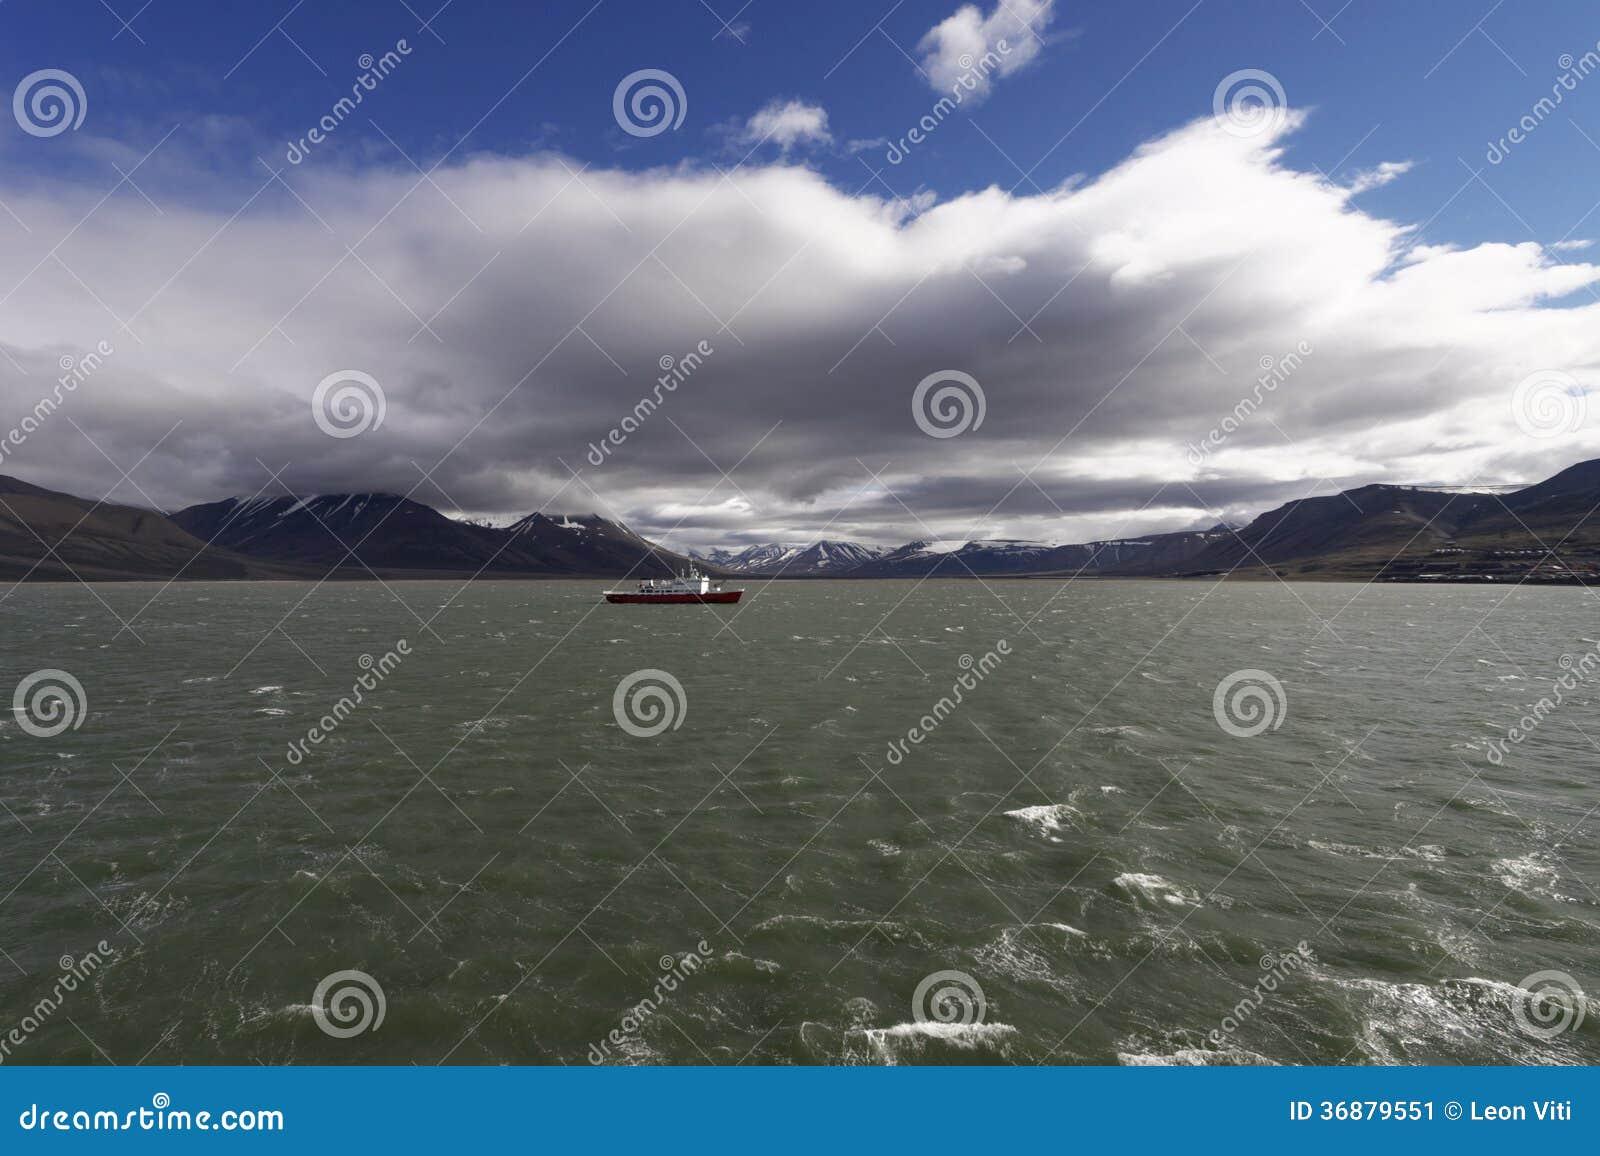 Download Isola di Spitsbergen immagine stock. Immagine di naughty - 36879551